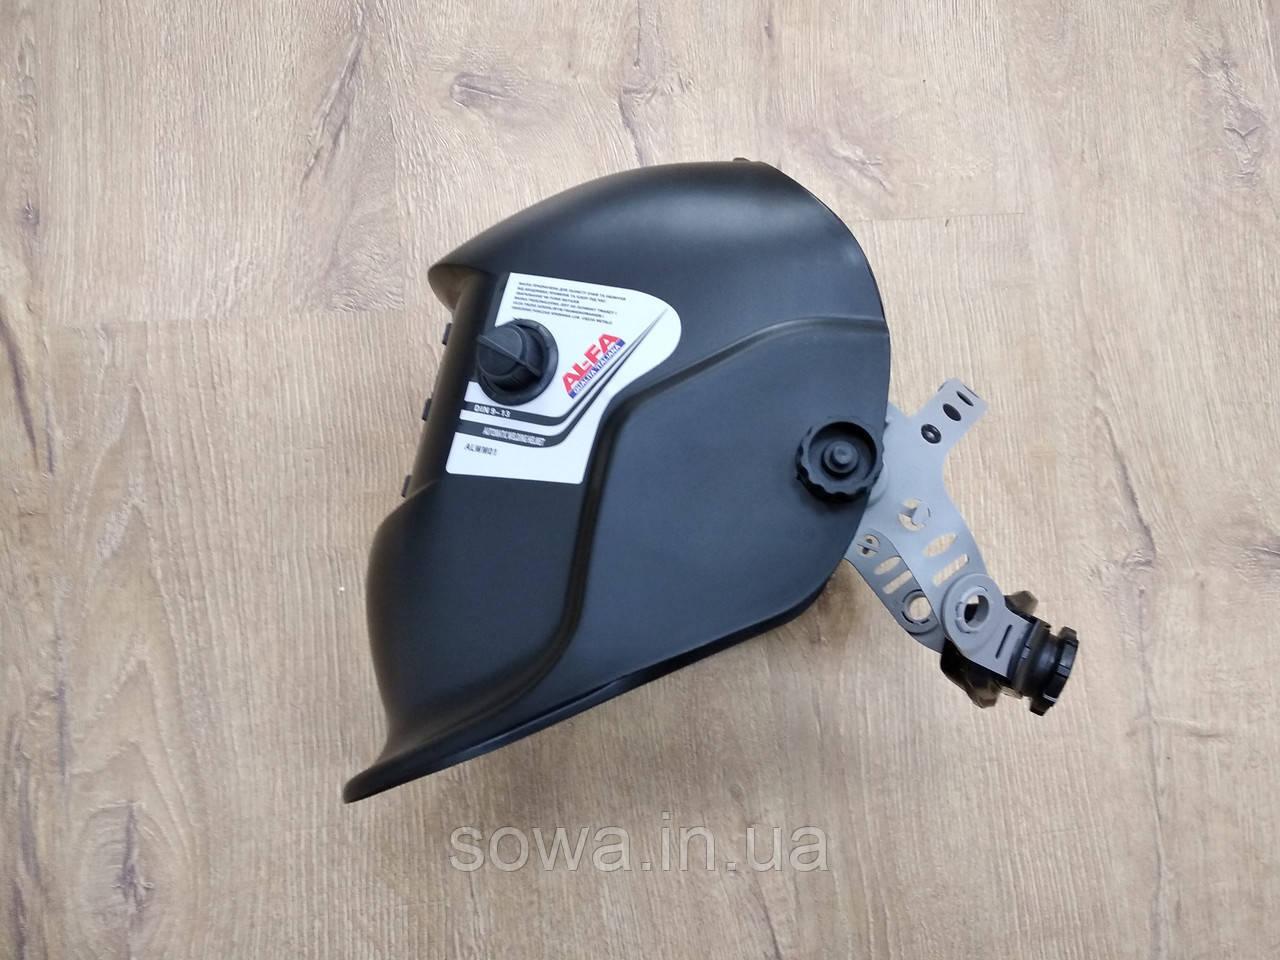 Сварочная маска хамелеон AL-FA ALWM01 - фото 5